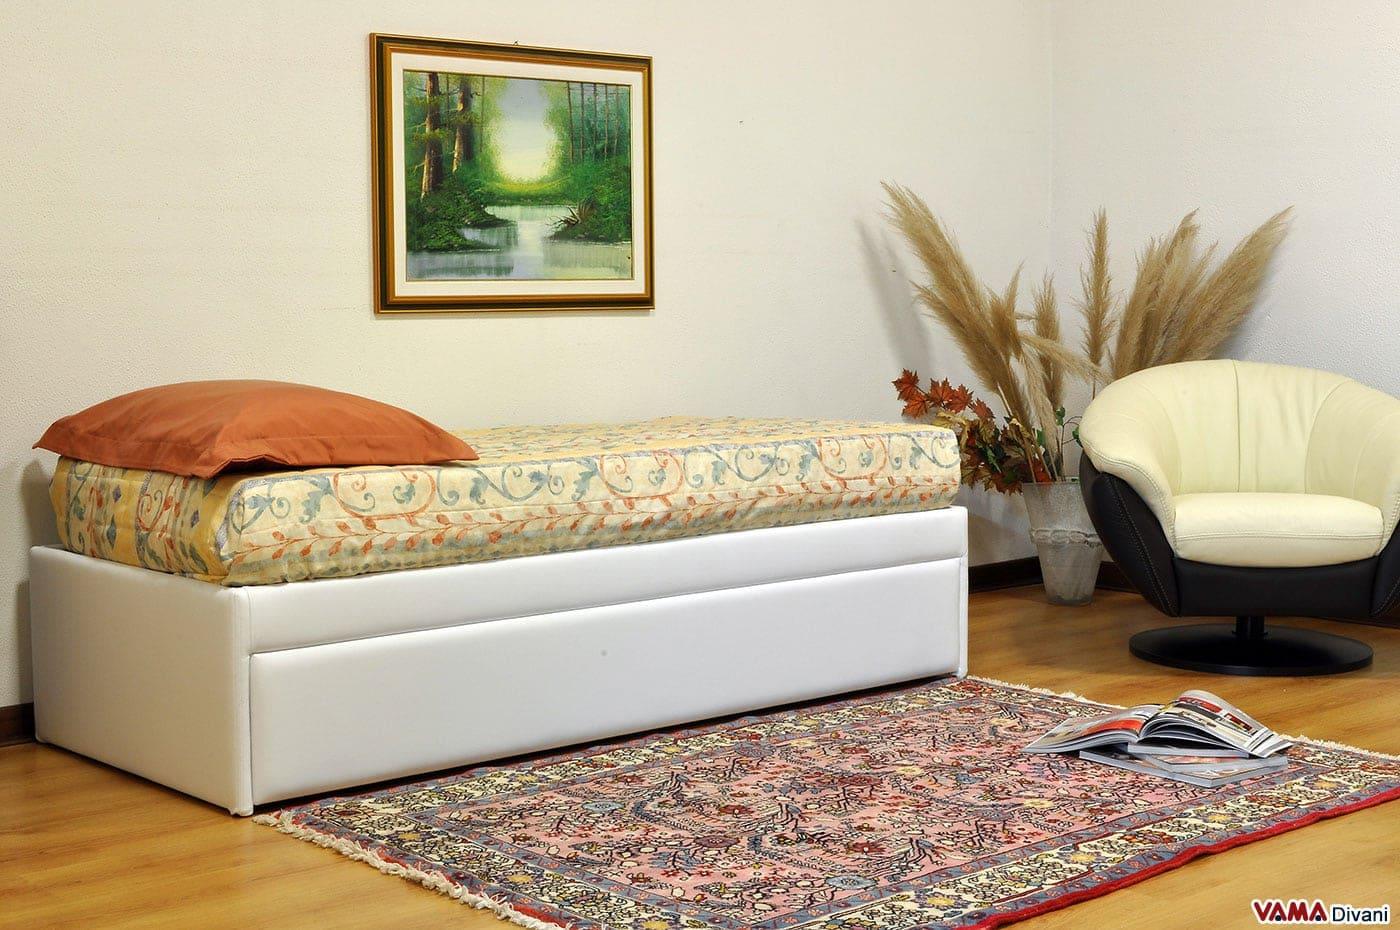 Doppio letto a scomparsa ikea design casa creativa e for Letto futon ikea